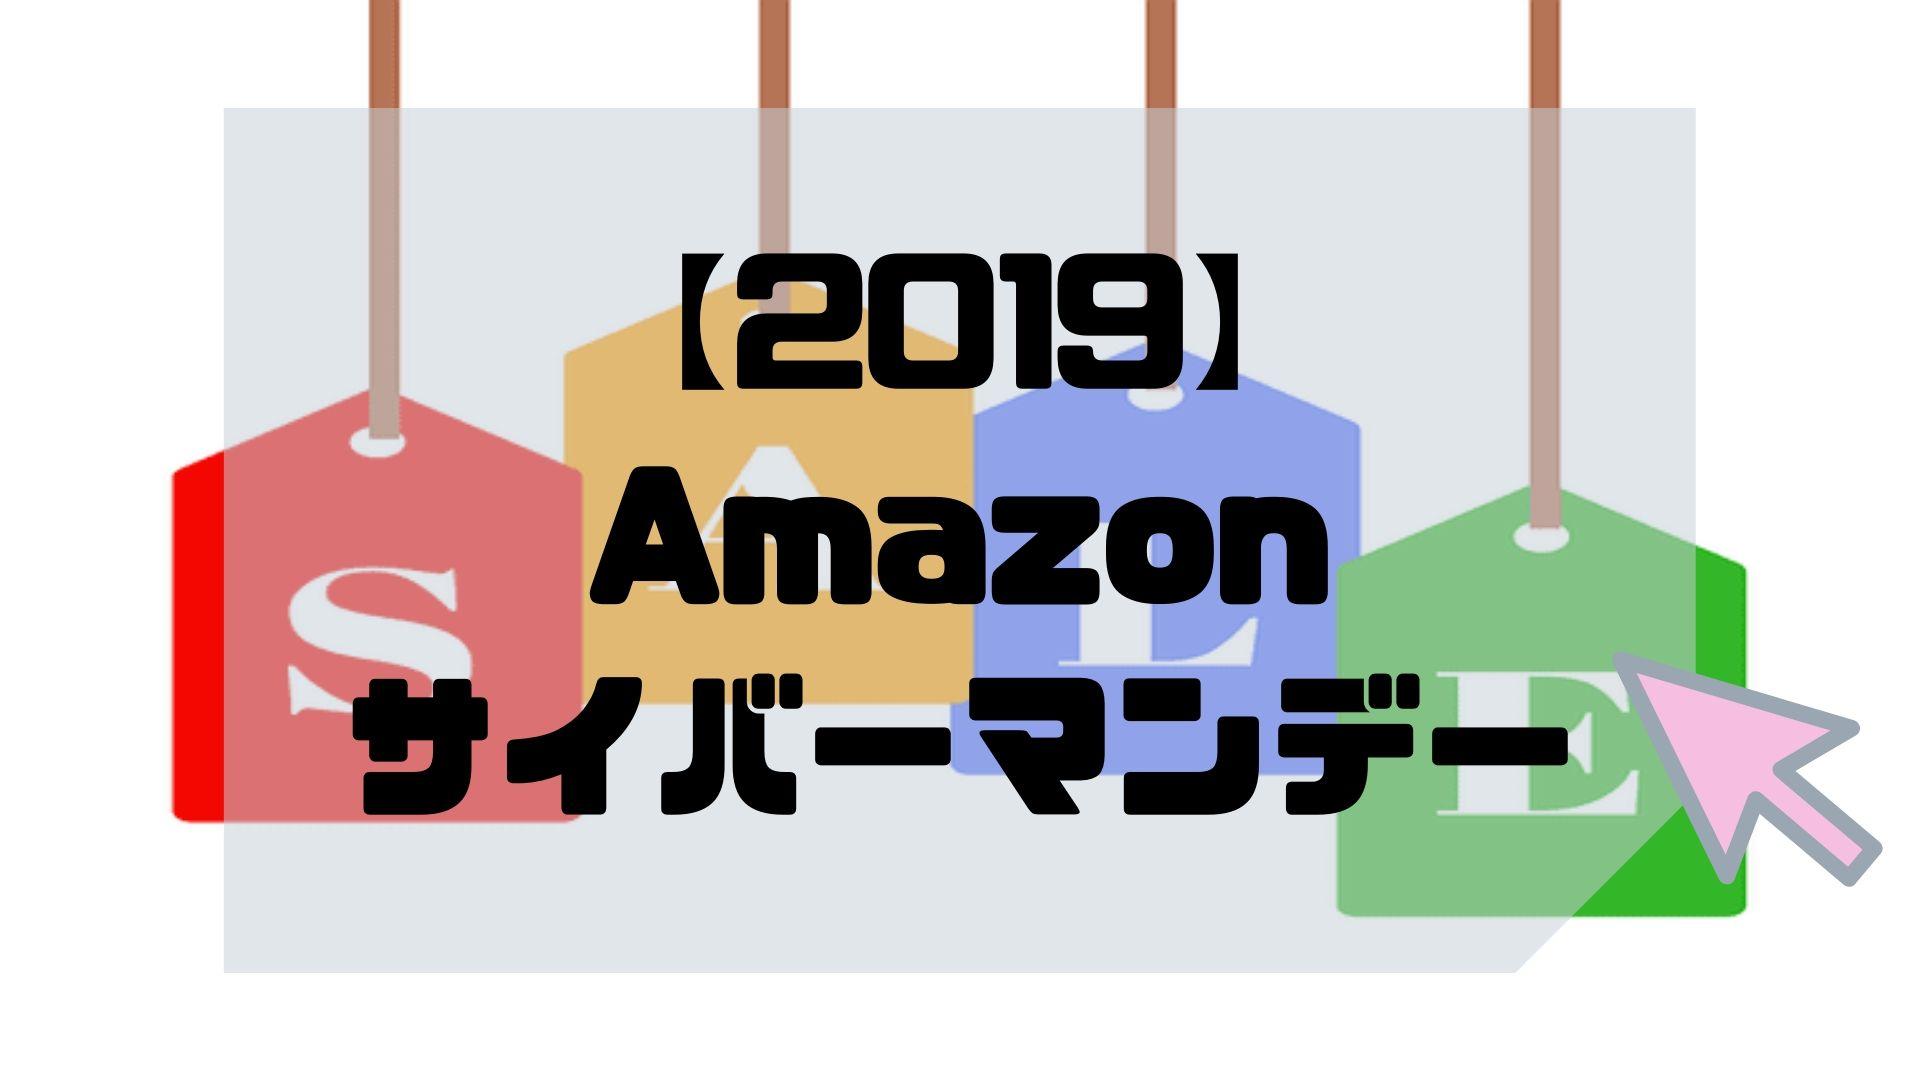 2019 アマゾン サイバー マンデー